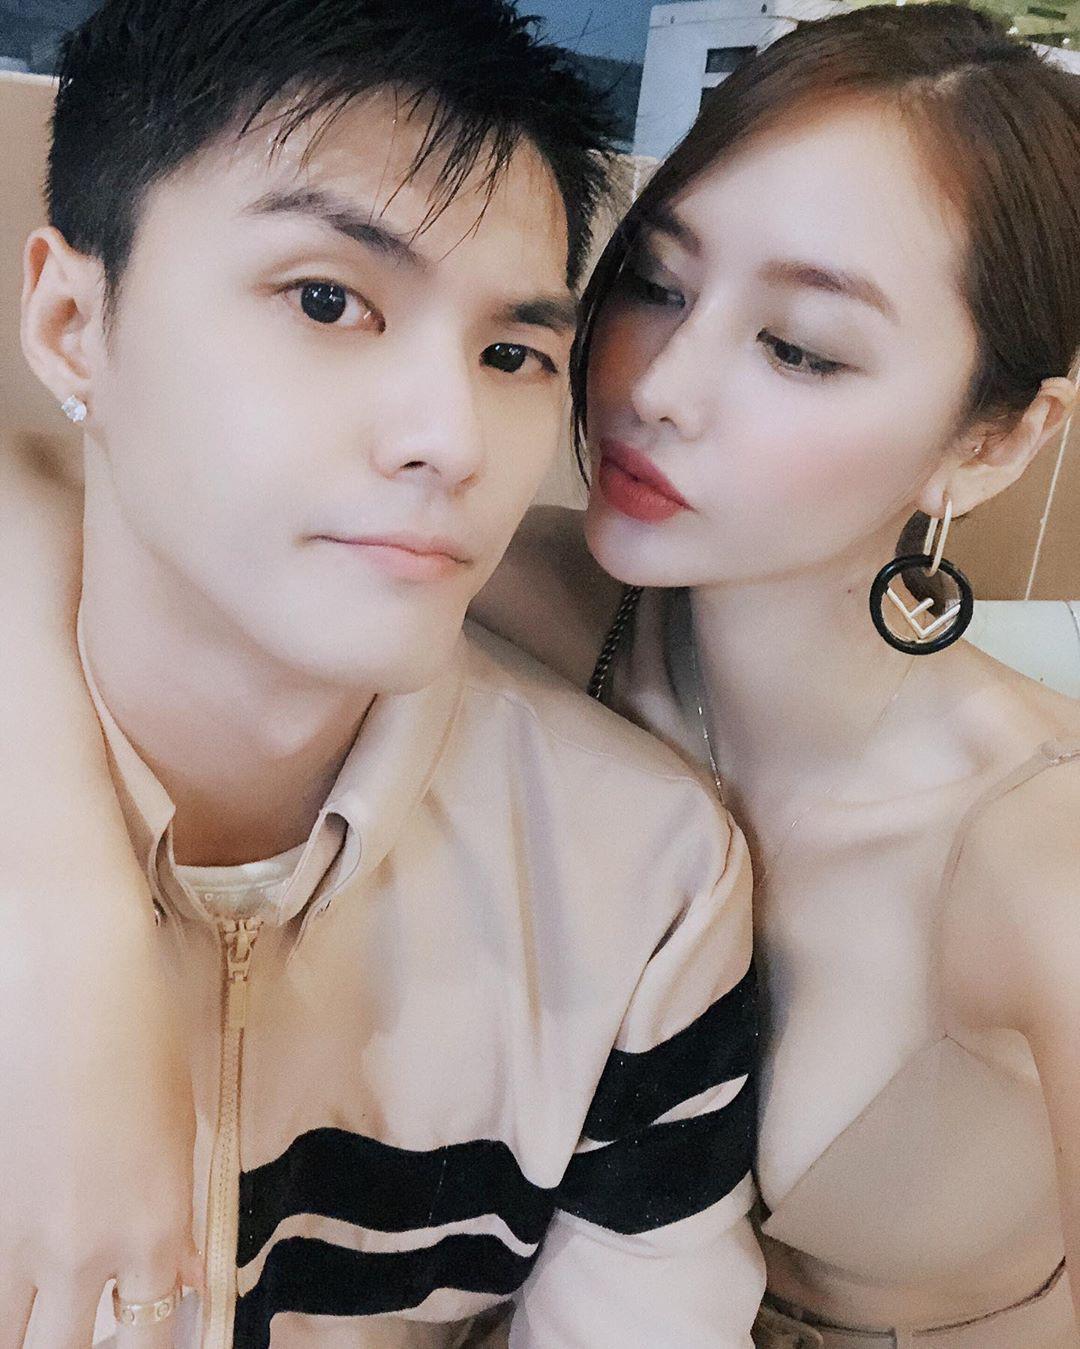 Vừa hết bị gọi là 'con giáp thứ 13', Linh Chi đã bị lấy ảnh làm quảng cáo chào hàng gái mại dâm - Ảnh 3